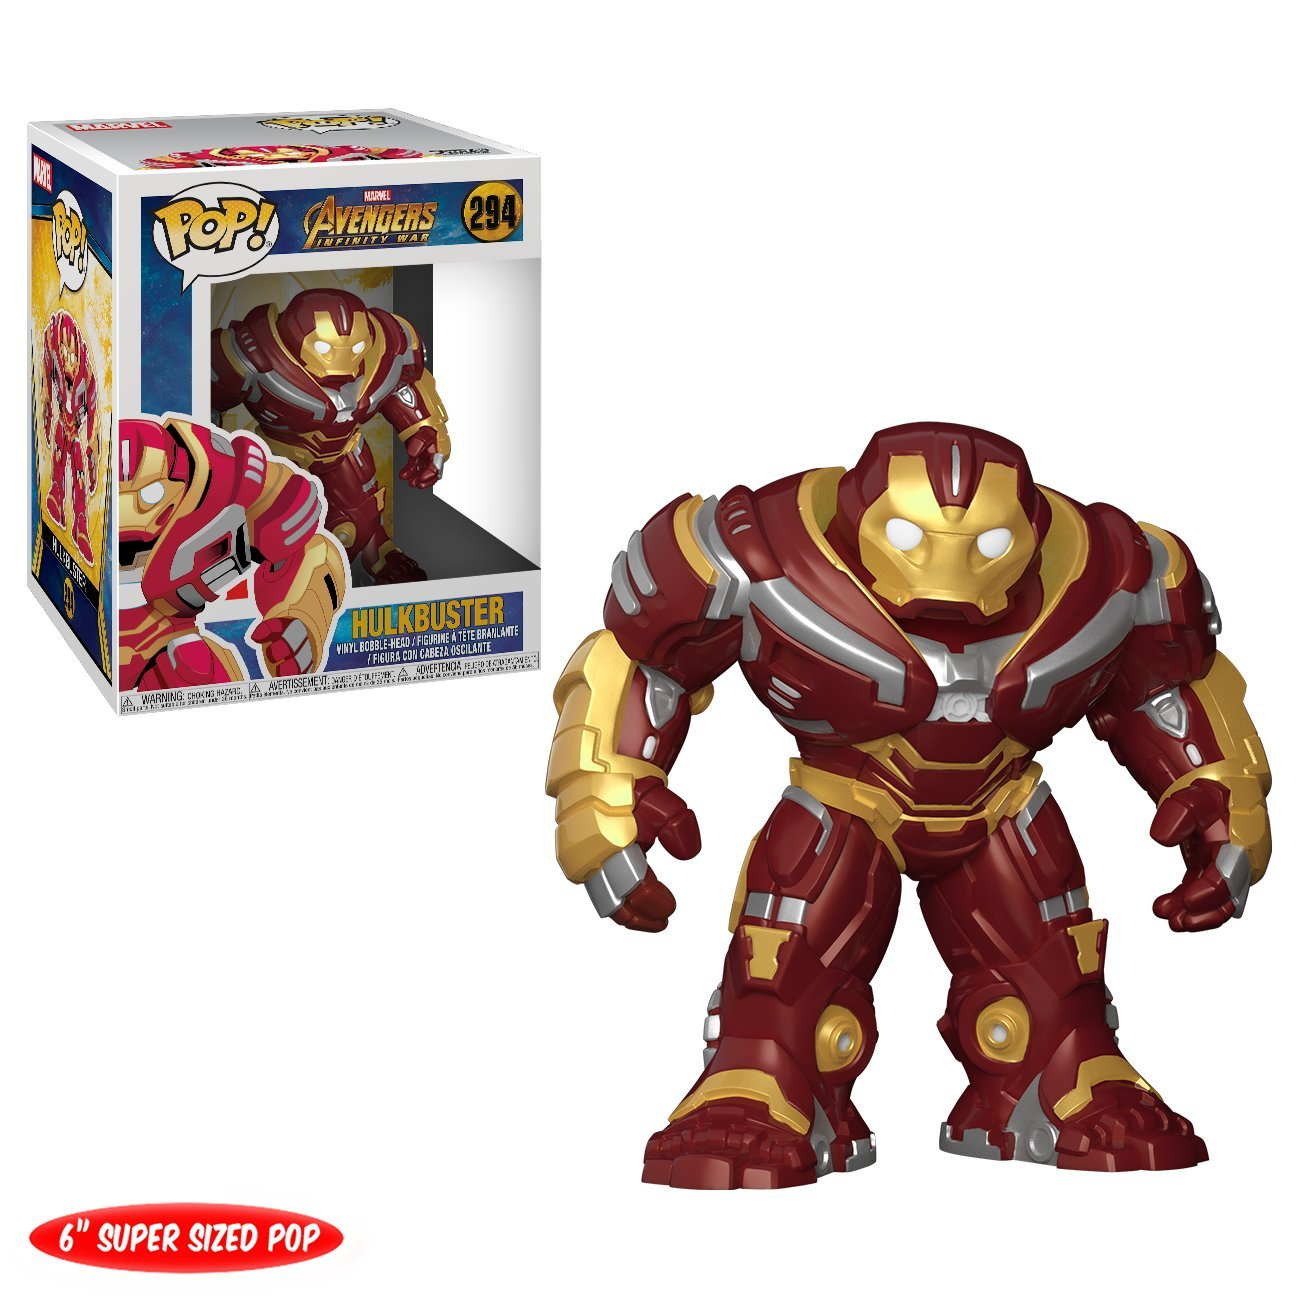 Funko Pop Avengers Hulk Buster...